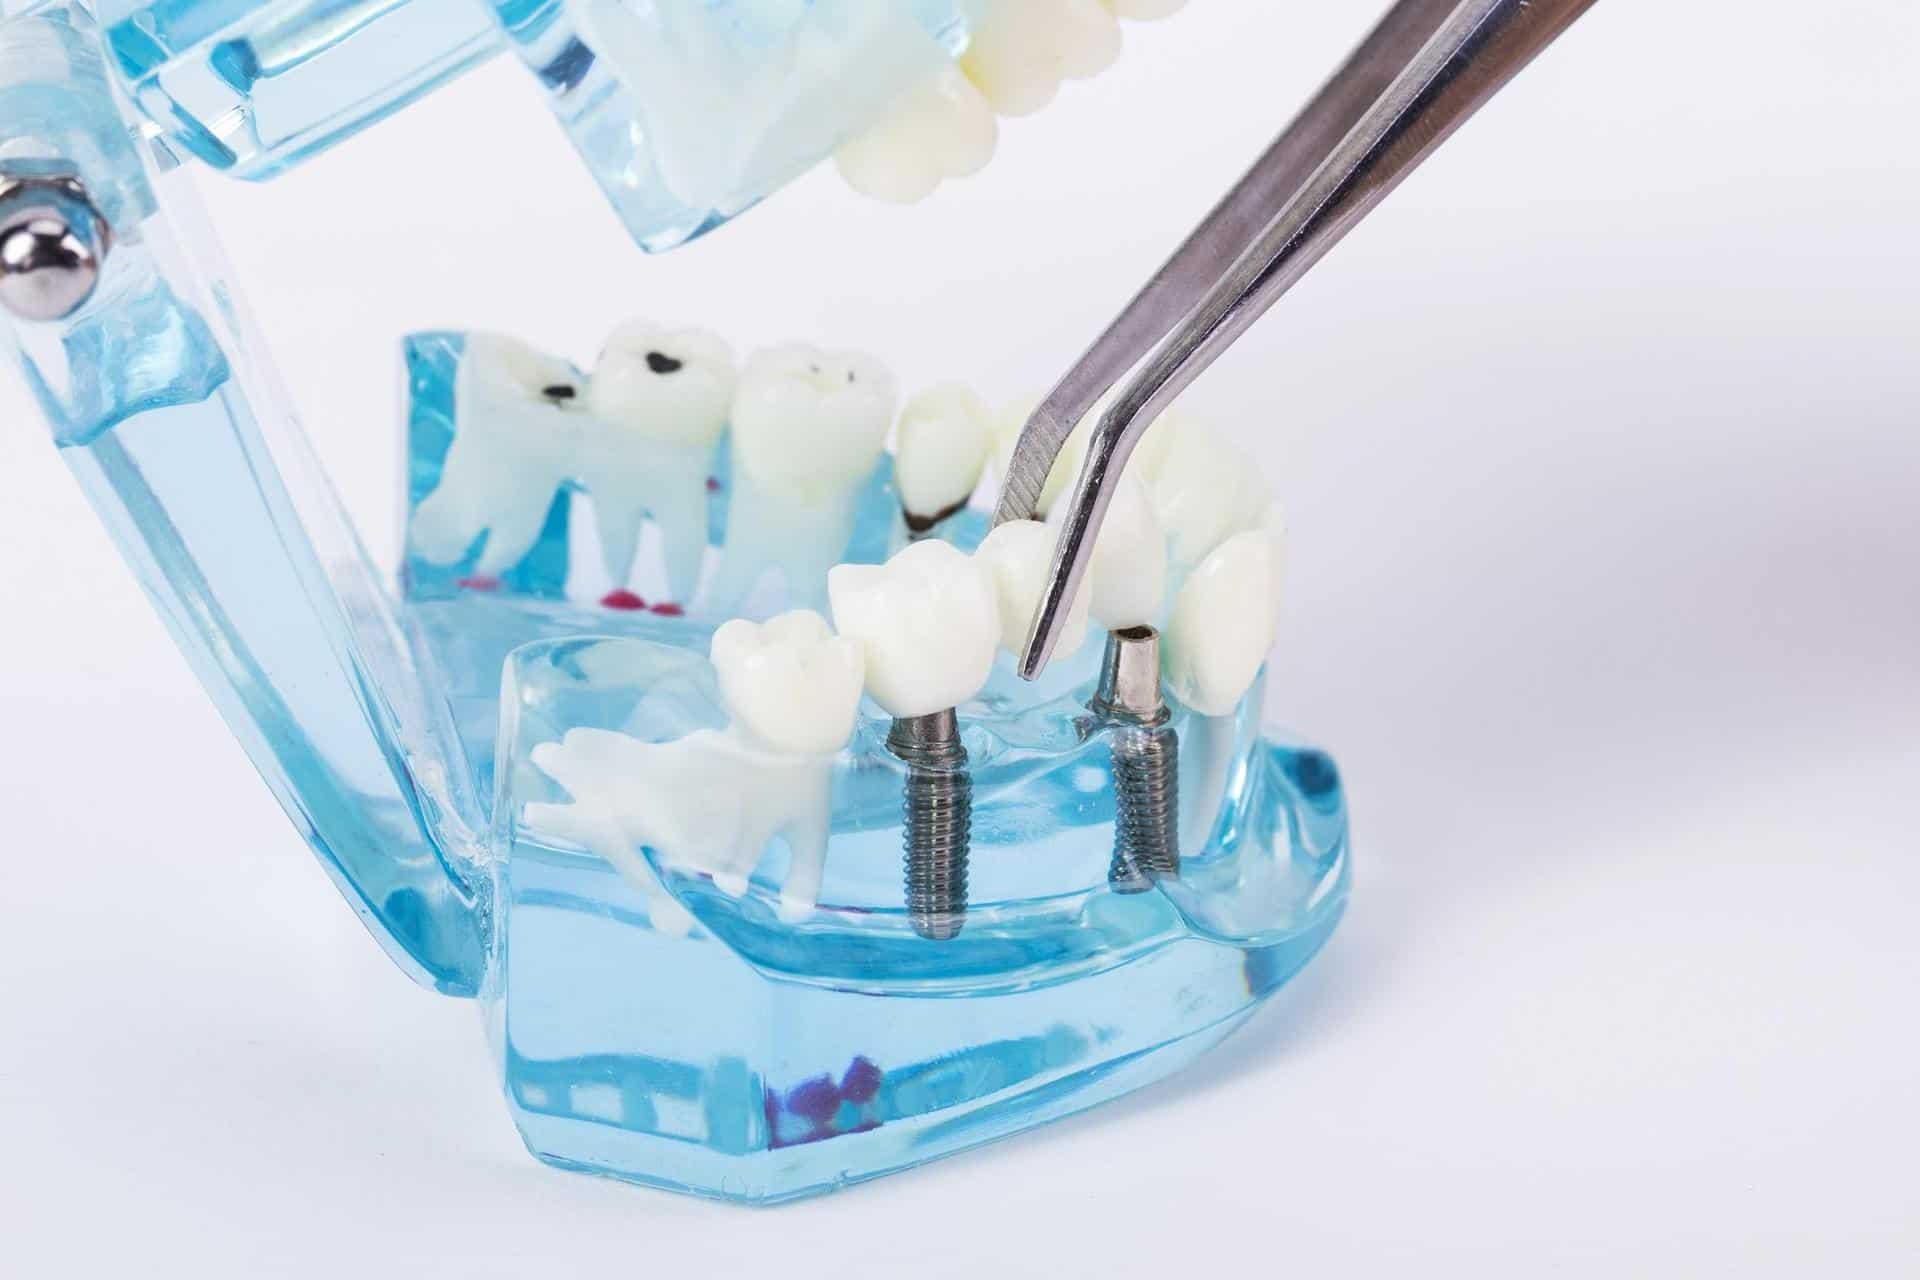 牙橋是一種固定式假牙,用缺牙處前後兩顆牙作為橋墩的處理方式(圖片來源:Lovepik)